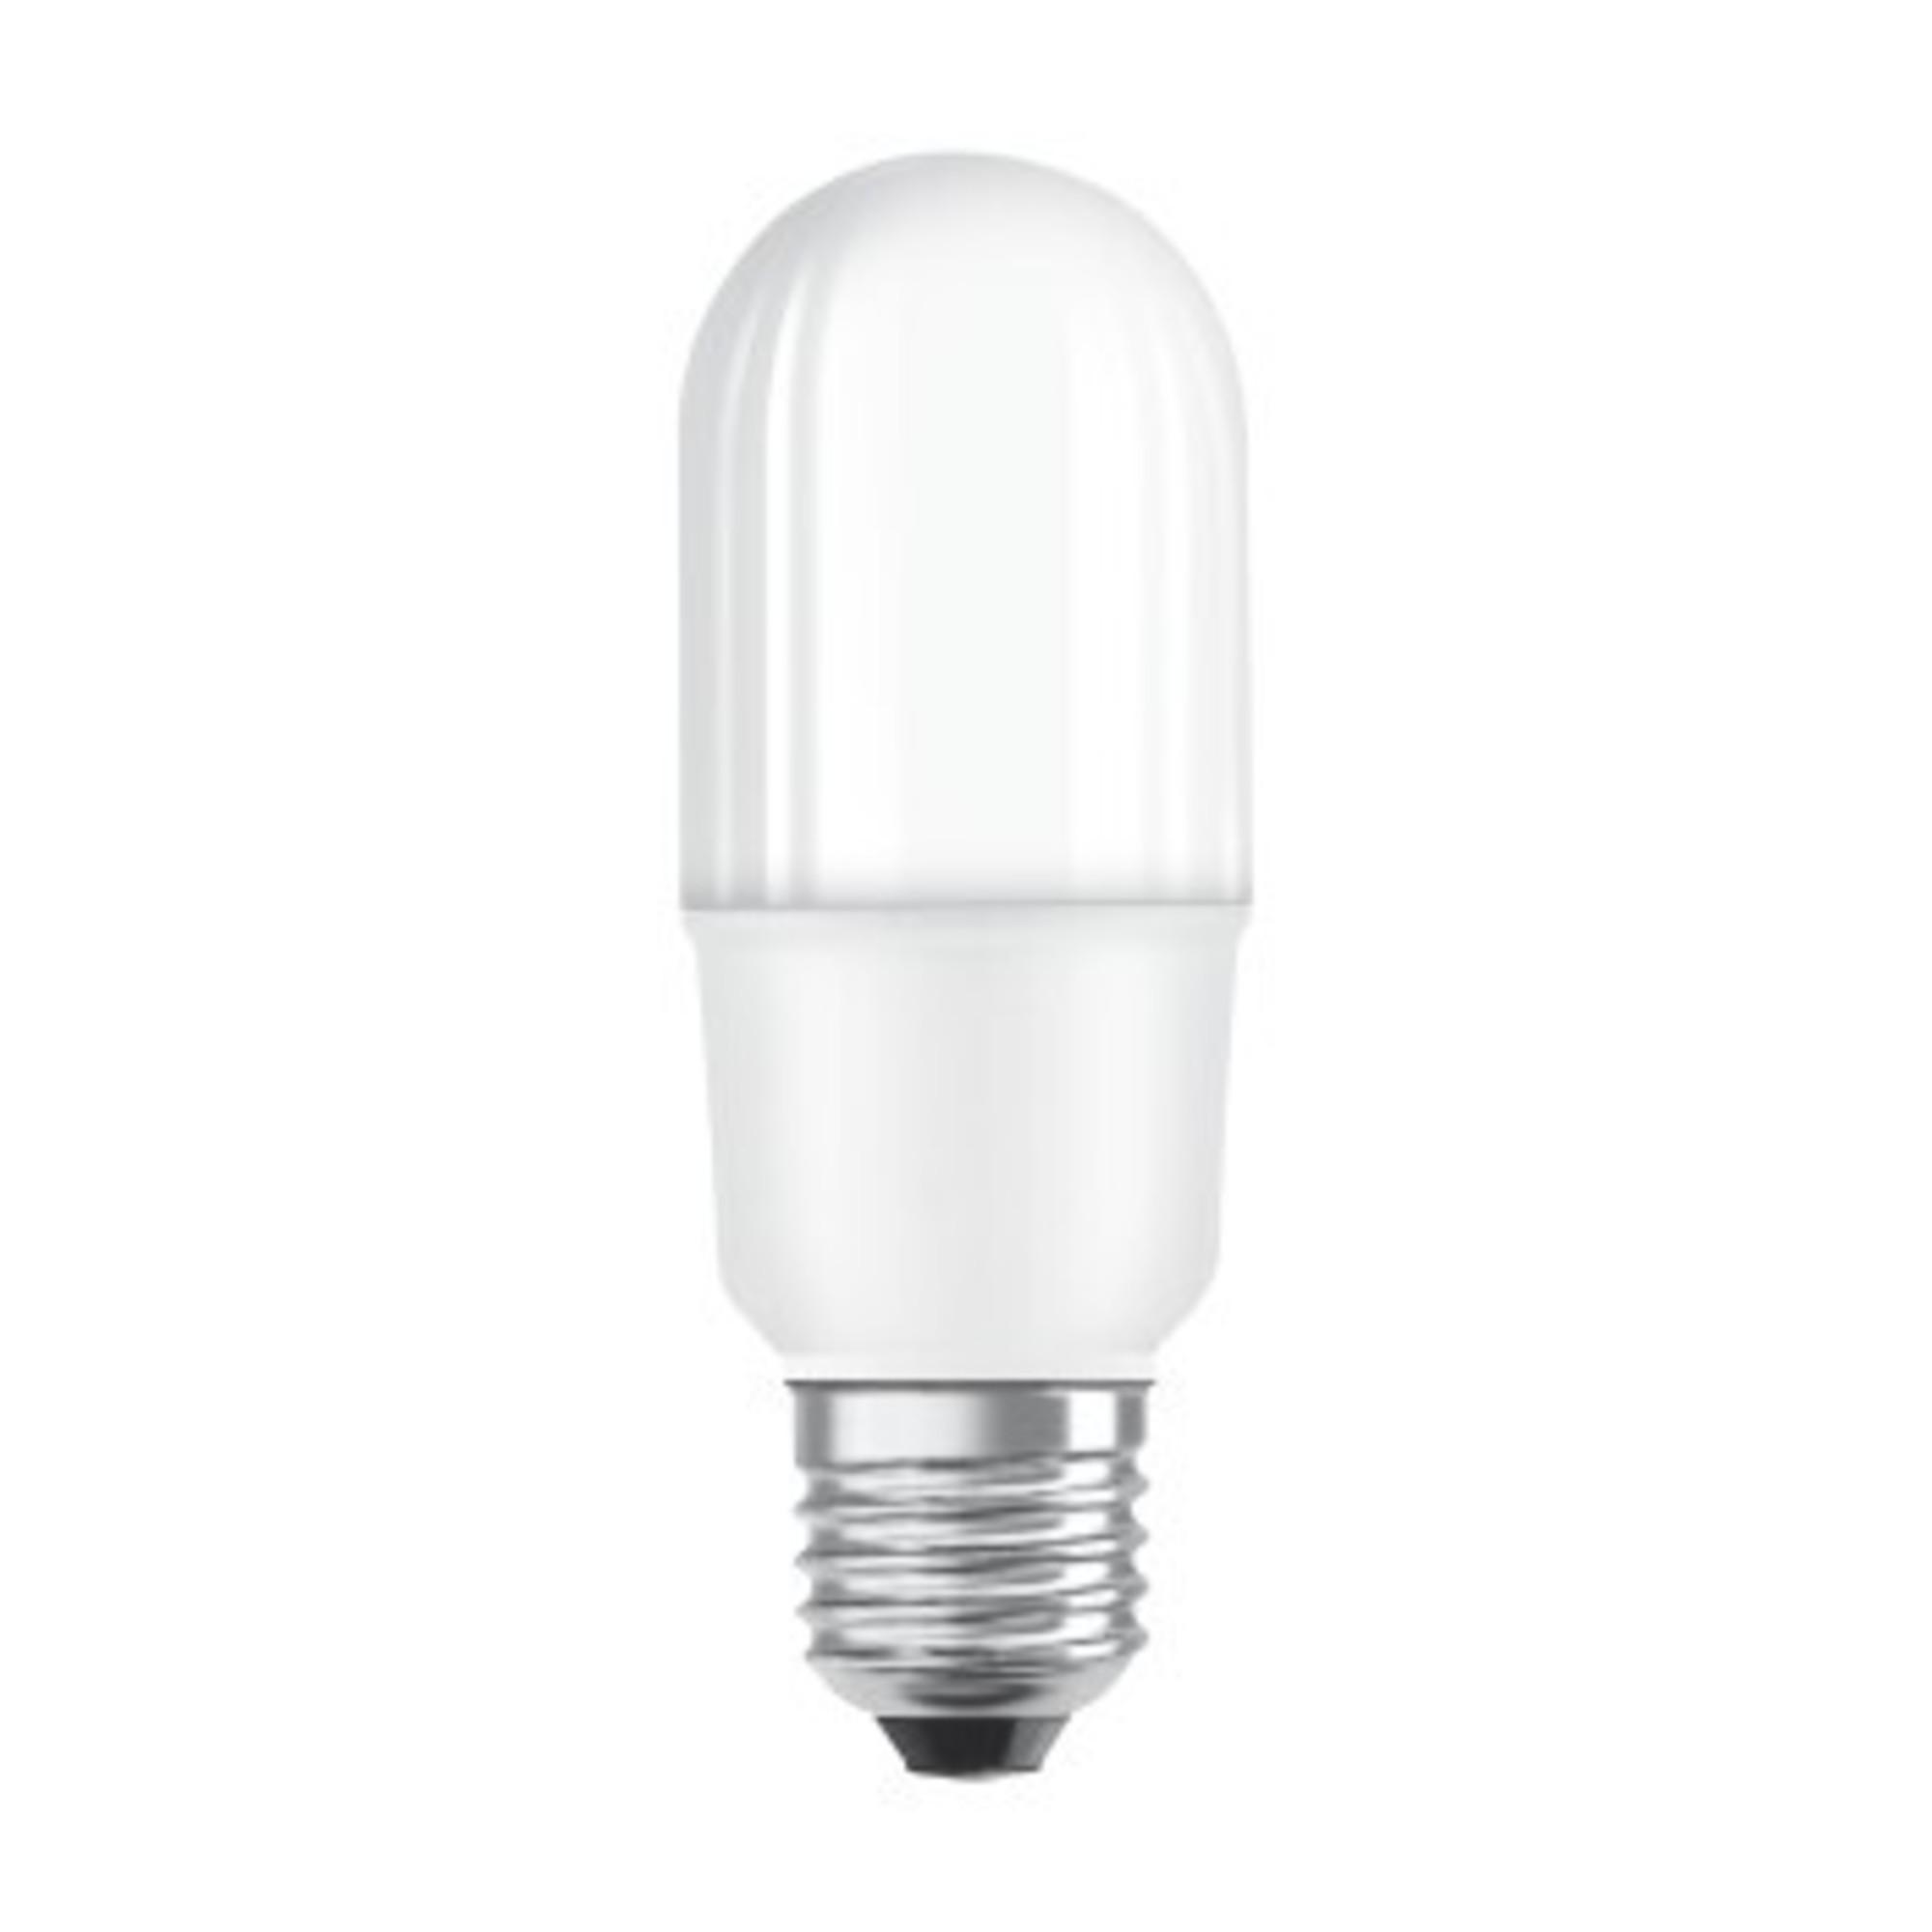 Лампа светодиодная Osram E27 10 Вт цилиндр матовая 1055 лм нейтральный белый свет